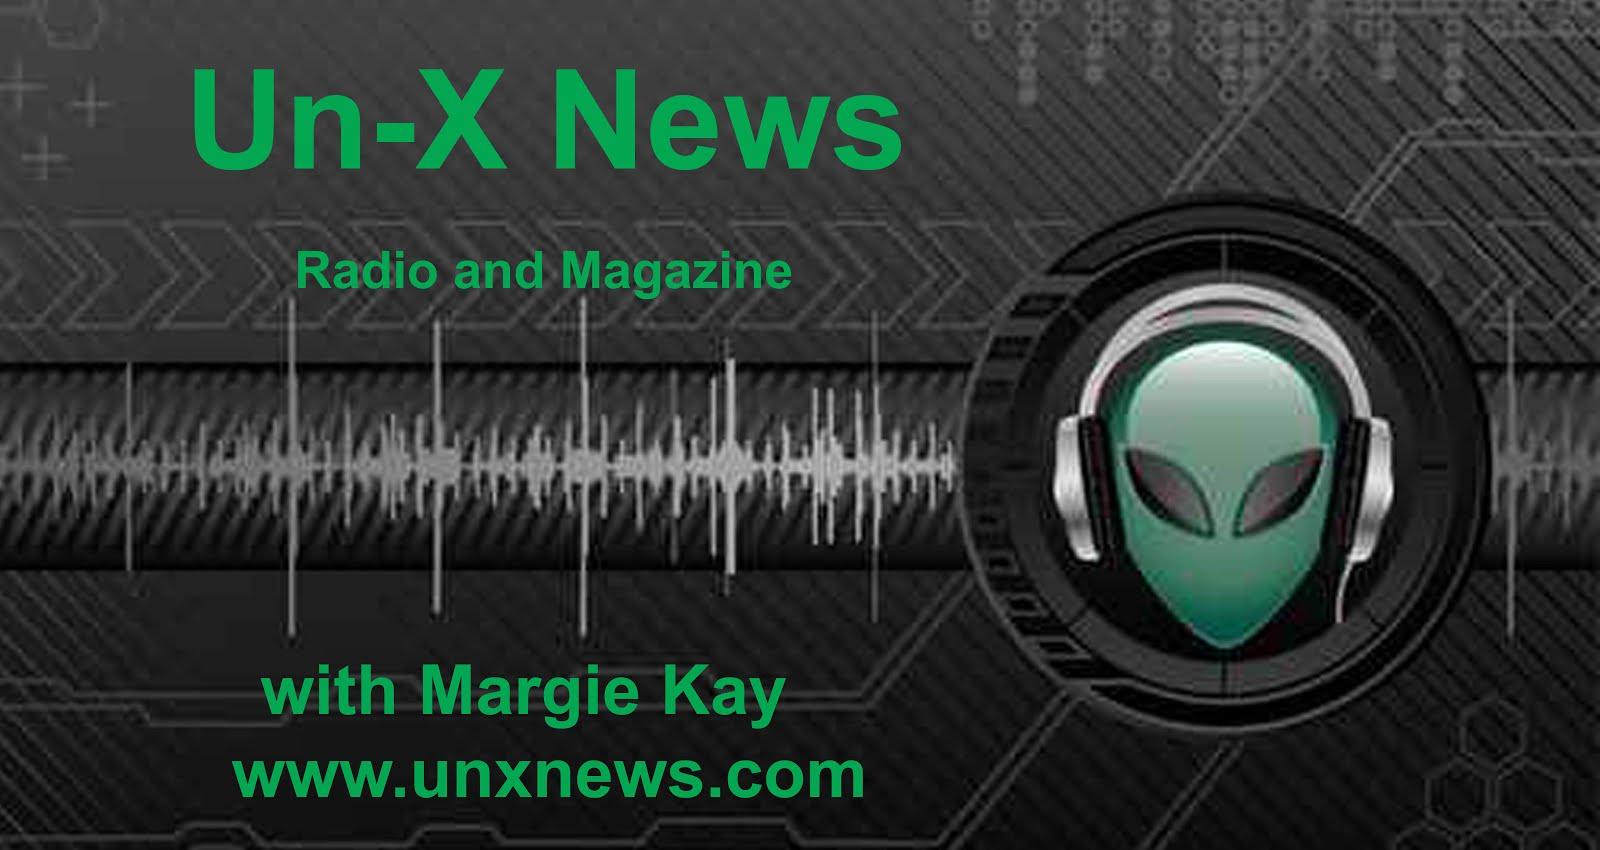 Un-X News